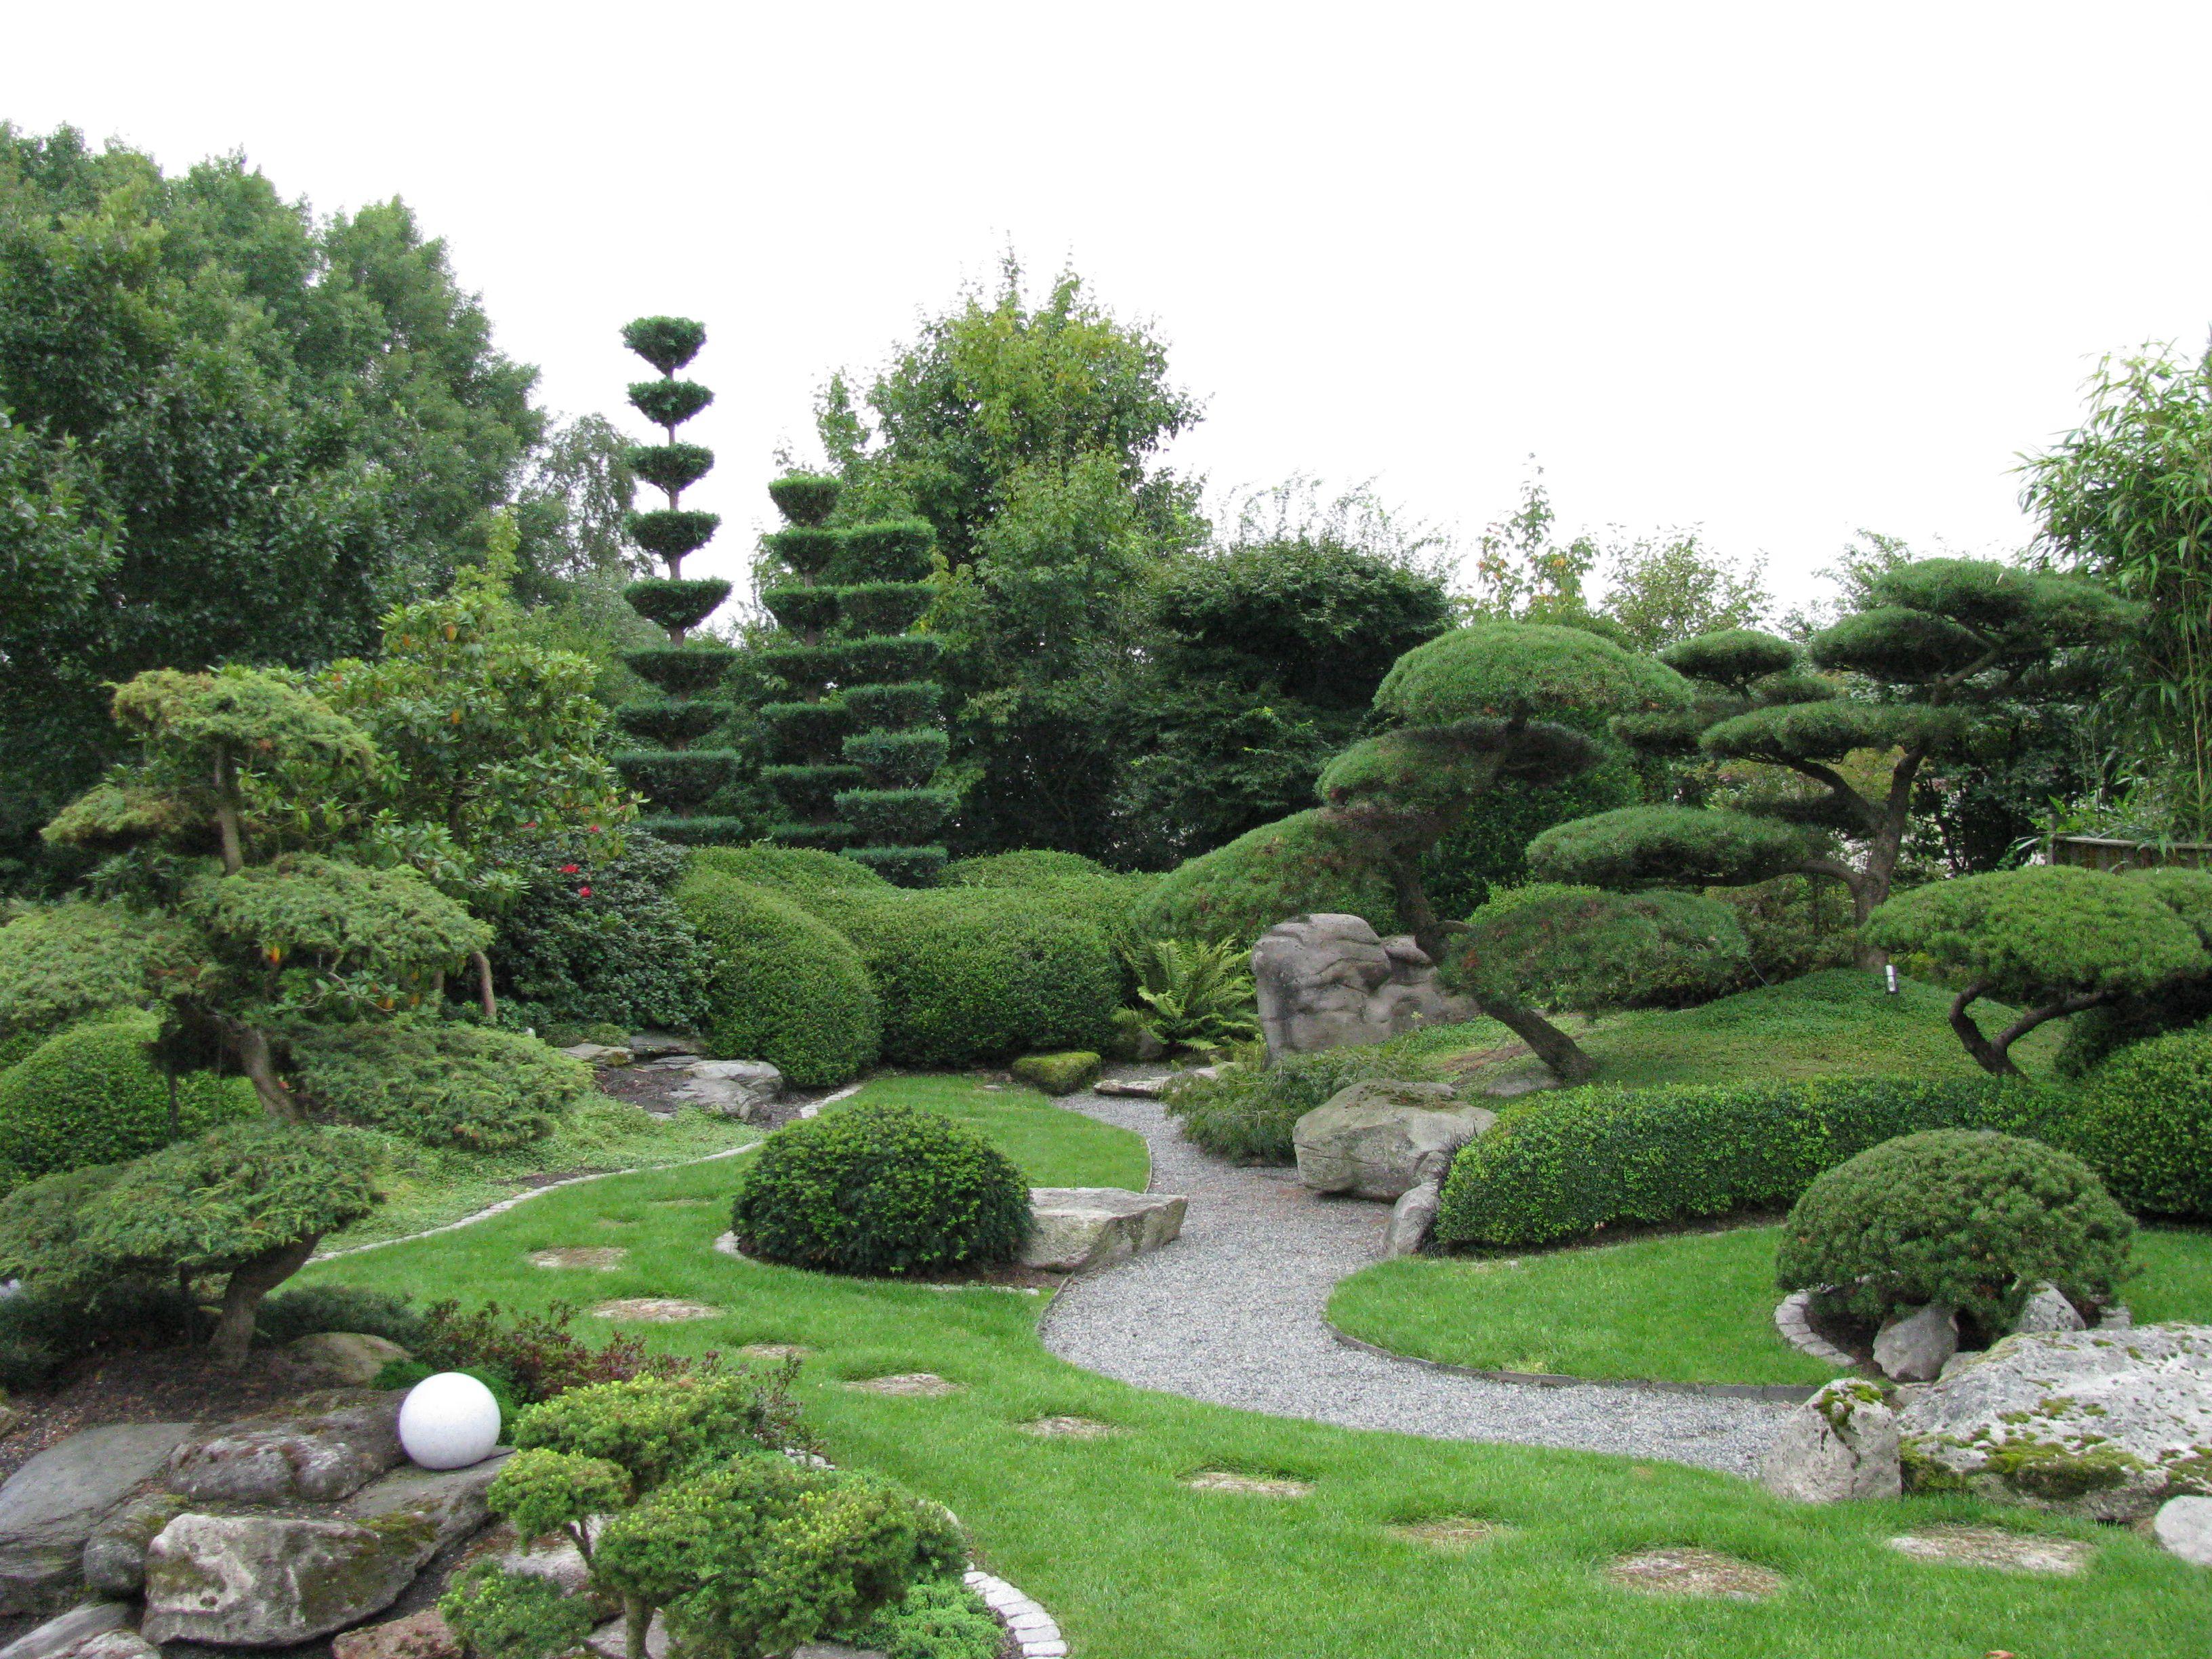 Auch Japanische Garten Kann Man Hier Finden Bad Zwischenahn Park Der Garten Japanese Garden Topiary Outdoor